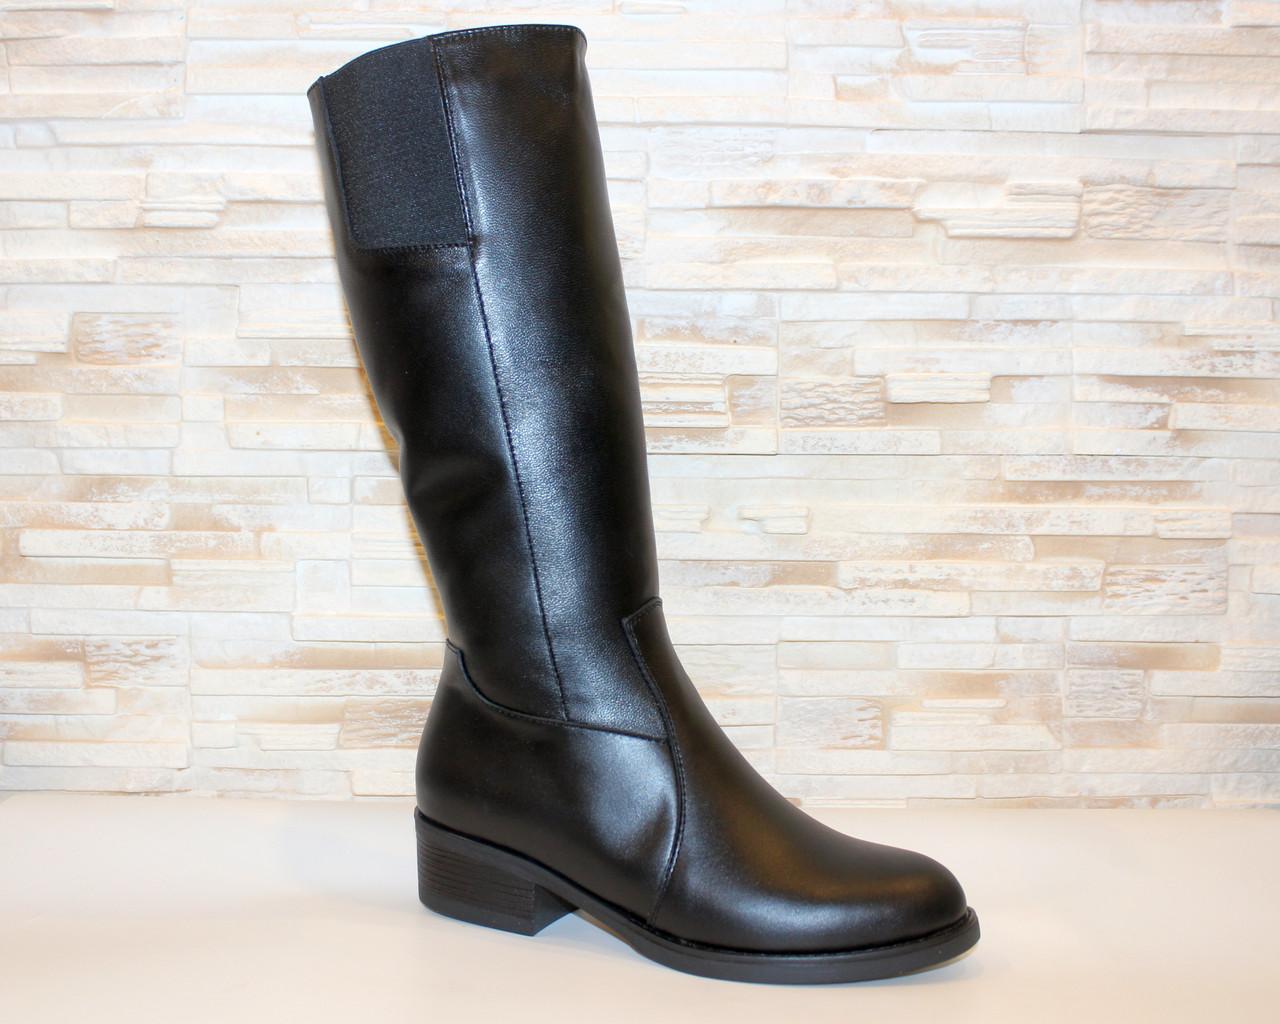 Сапоги женские черные зимние на низком каблуке натуральная кожа С963